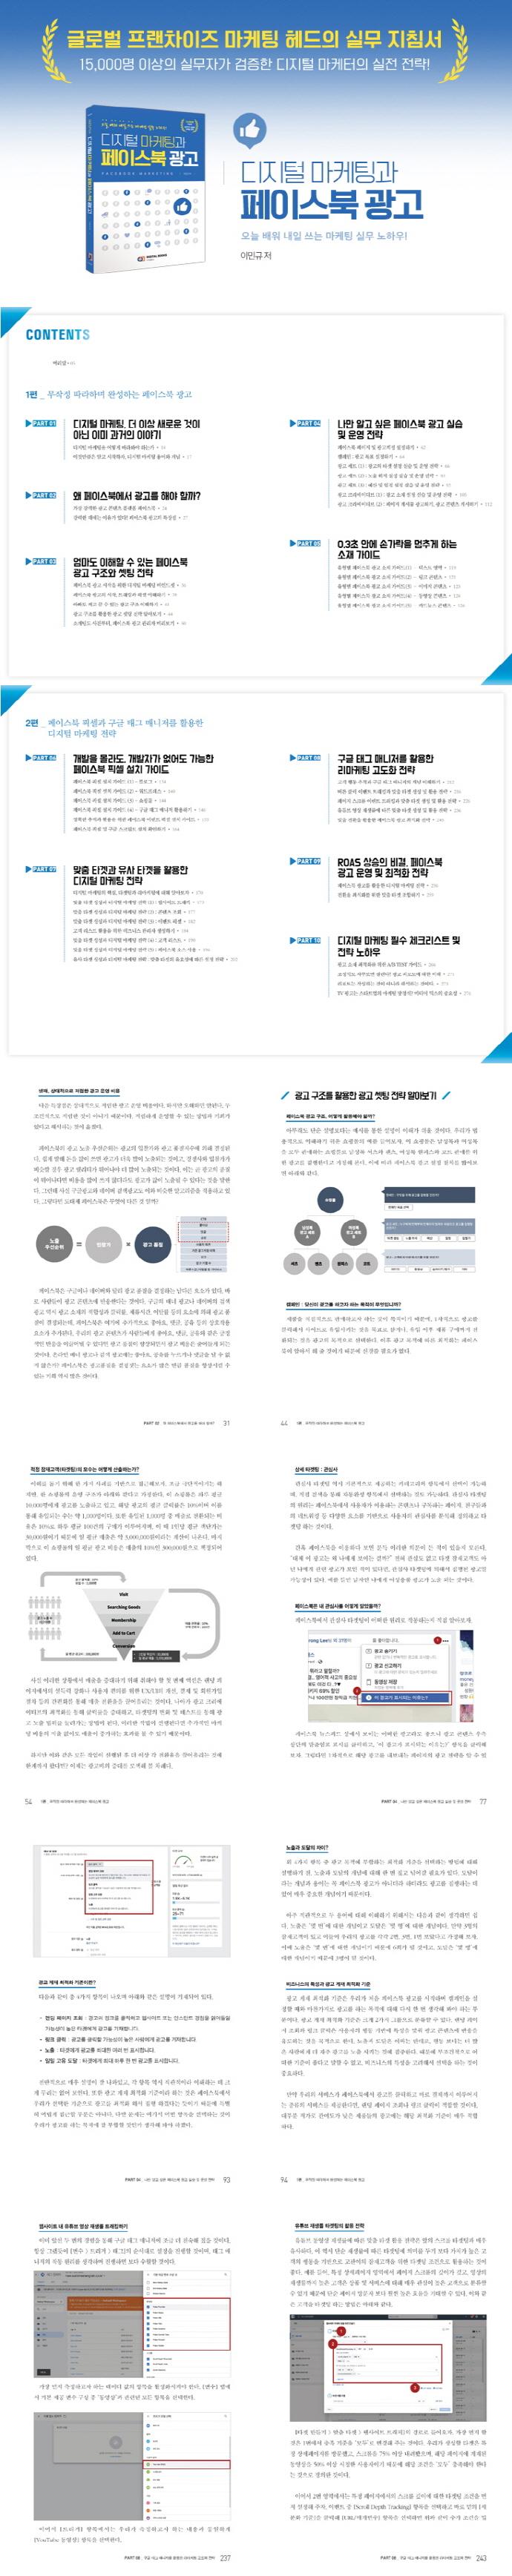 디지털 마케팅과 페이스북 광고 도서 상세이미지